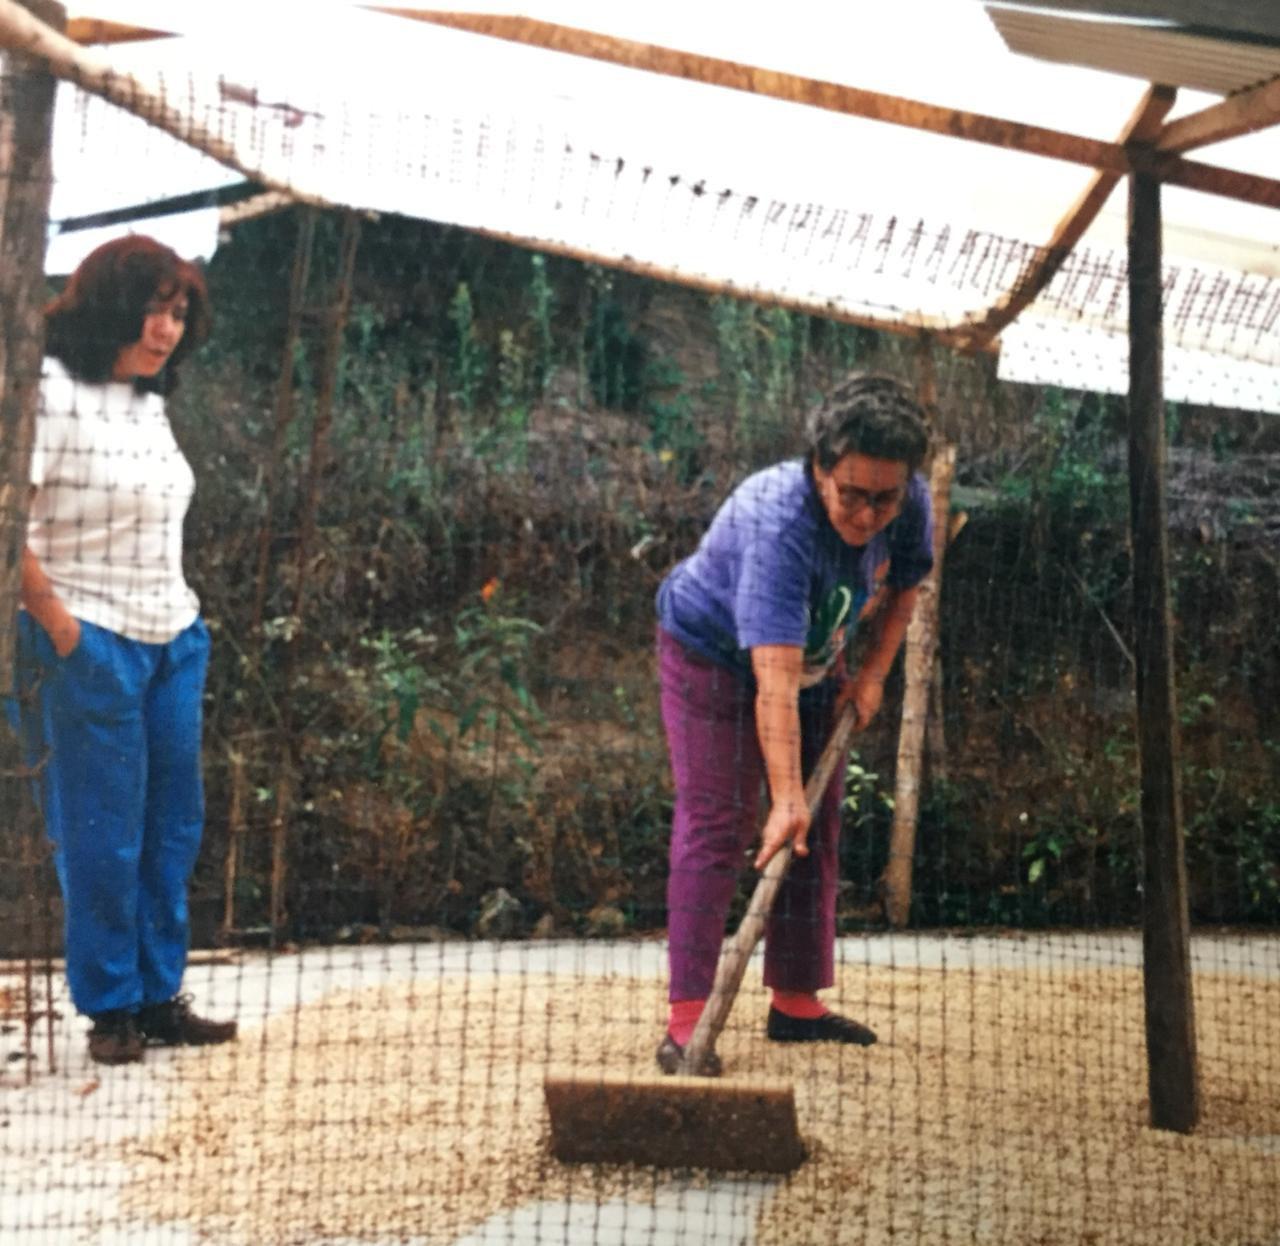 Nina en sus cultivos de café, en Guayatá, al suroccidente del departamento de Boyacá.